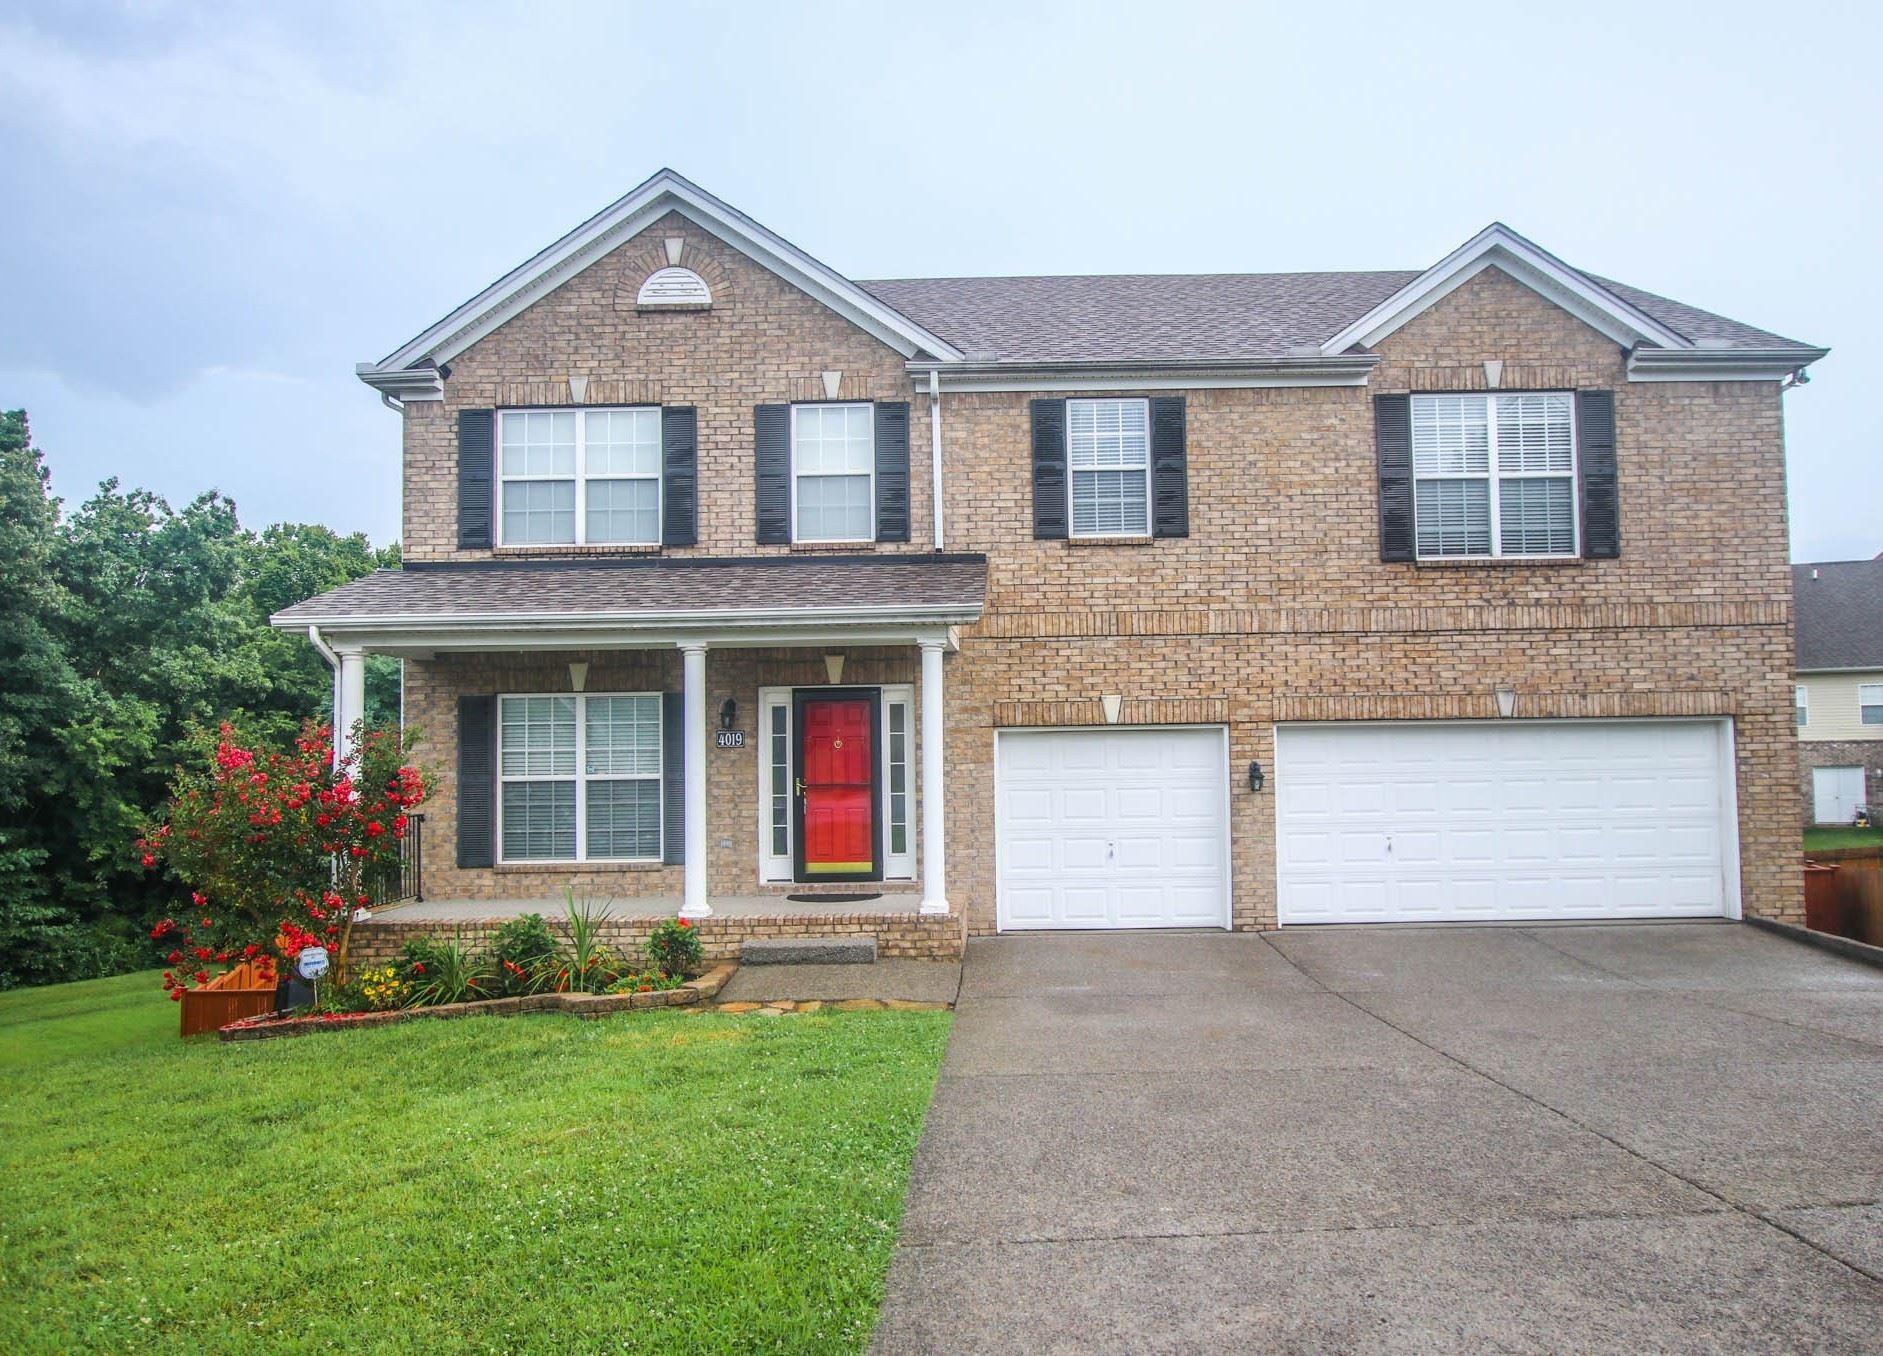 4019 Fairway Cir, Smyrna, TN 37167 - MLS#: 2265687